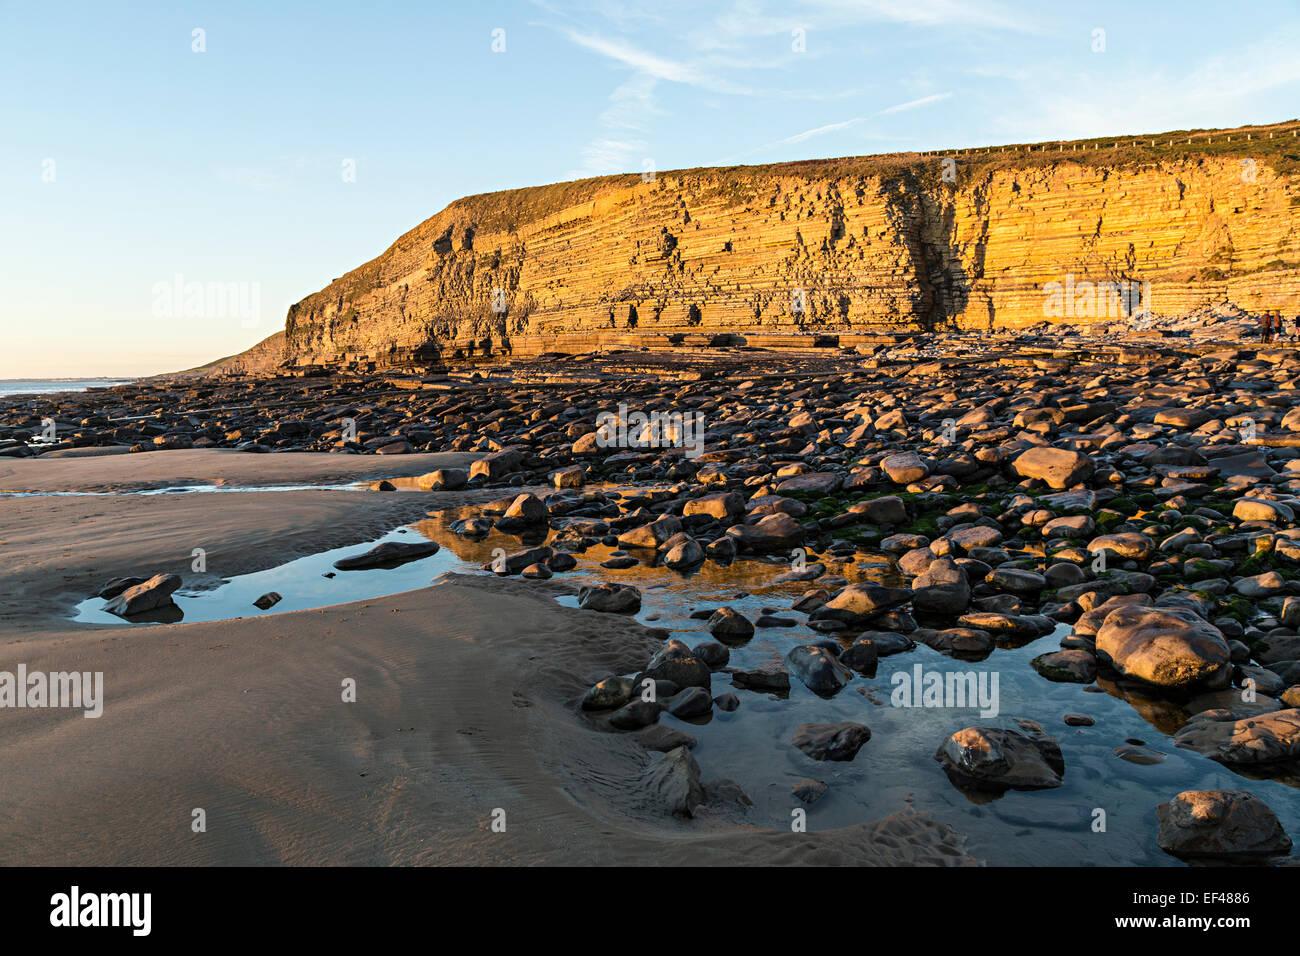 Cliffs at Dunraven bay, Glamorgan Heritage Coast, Wales, UK - Stock Image